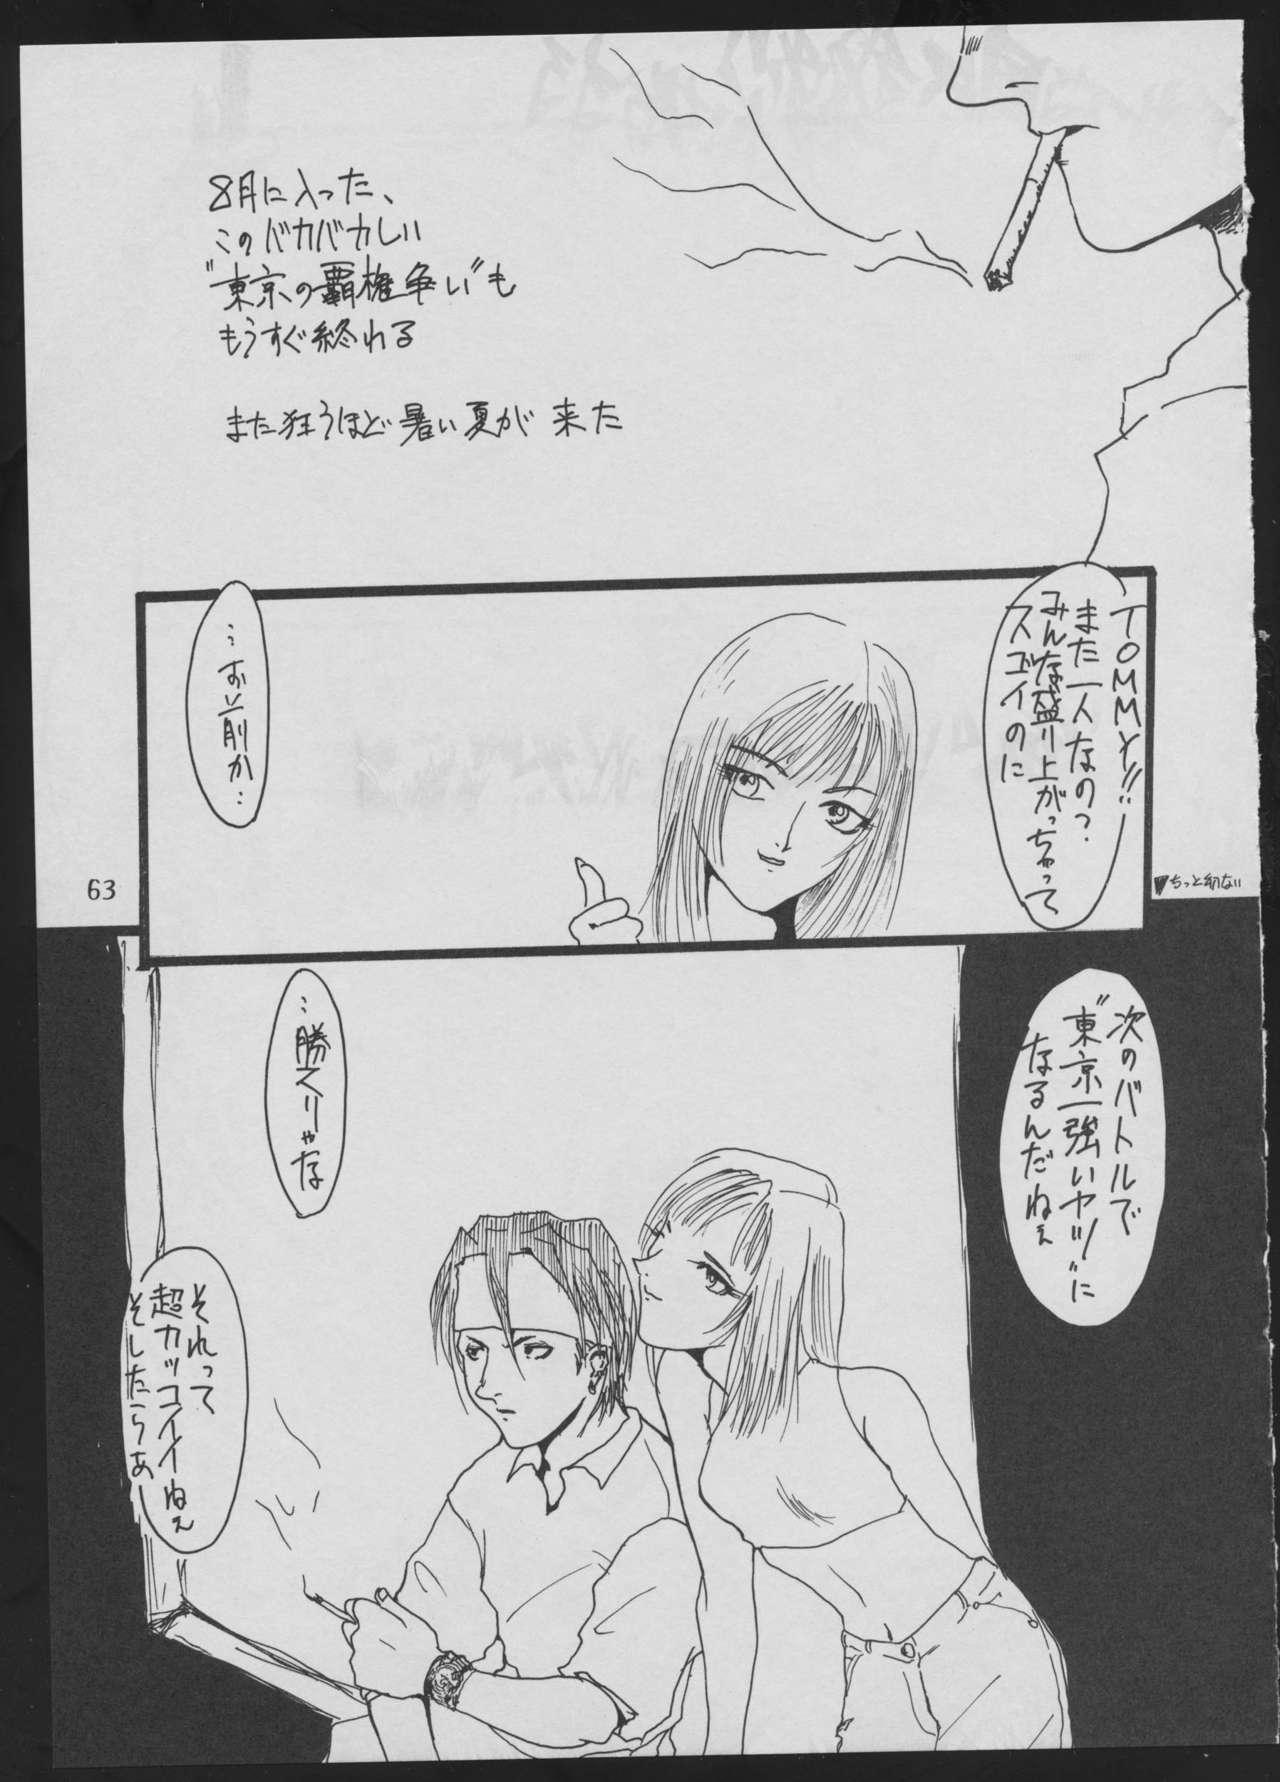 '96 Natsu no Game 18-kin Special 62